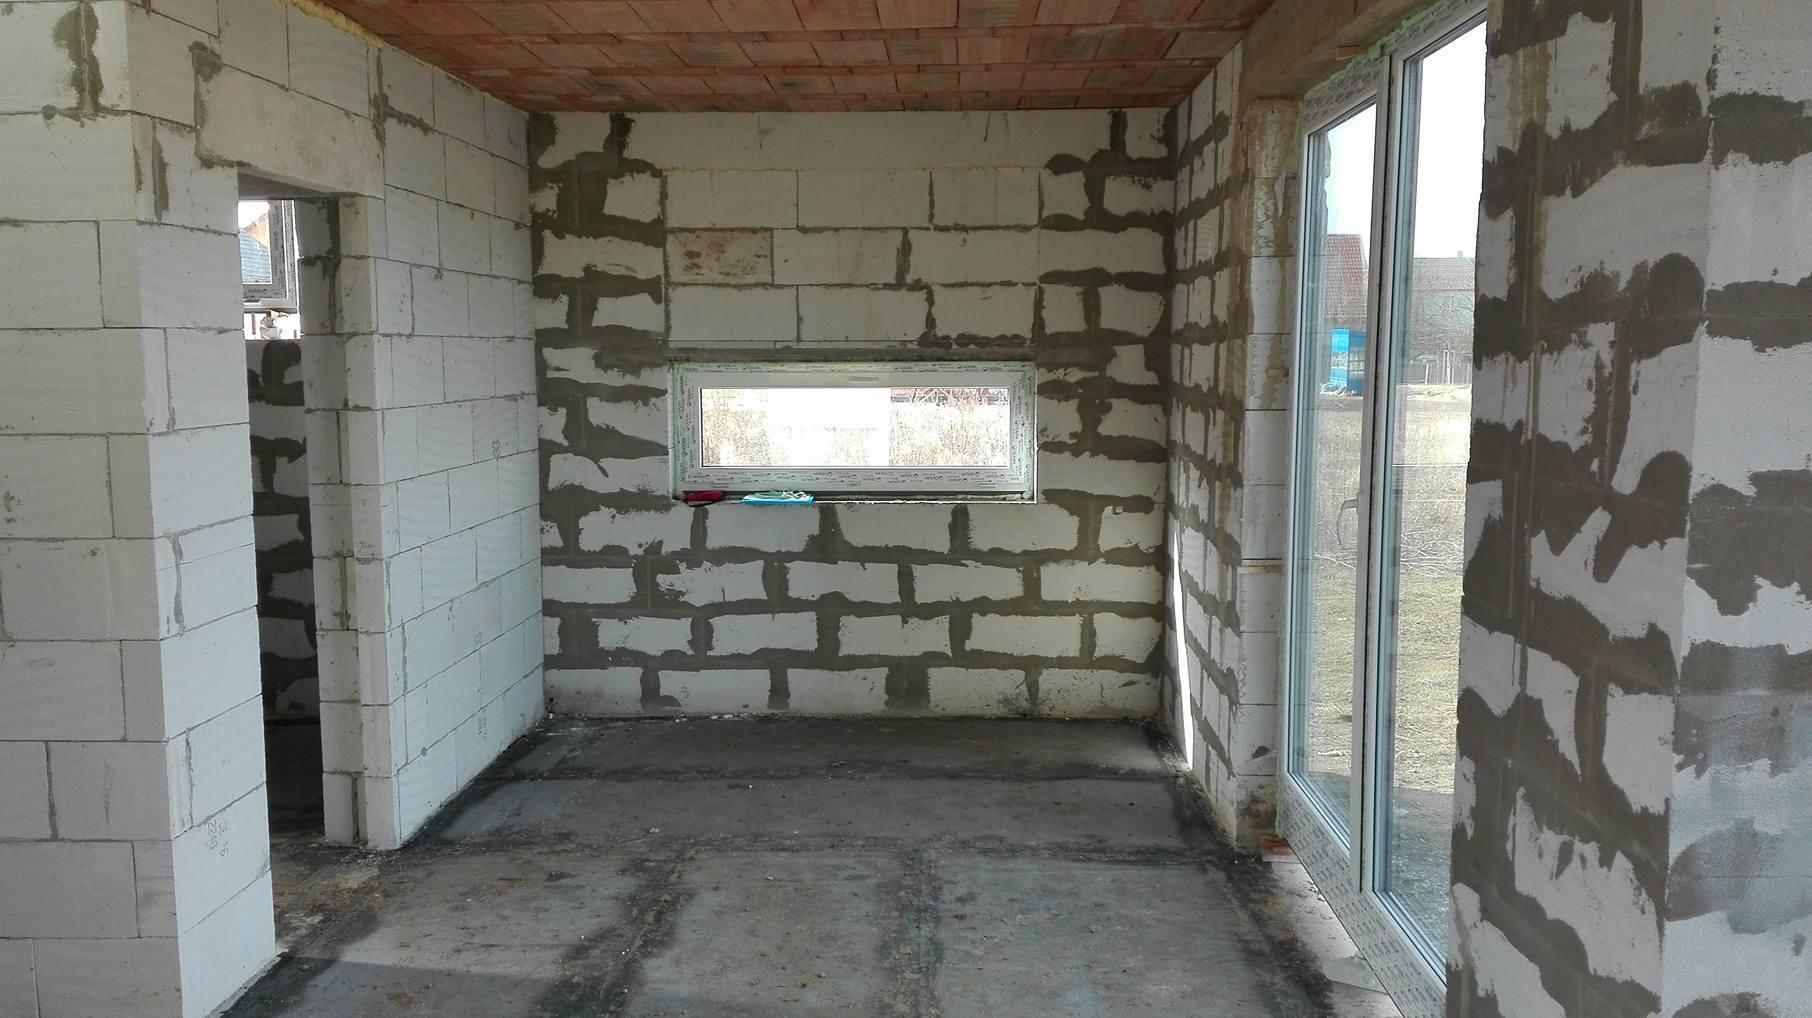 Stavba domu na kraji Prahy - Kuchyňské okno bylo velmi důležité. Pro budoucí pracovní desku totiž mělo navazovat bez parapetu. Bylo tedy nutné stále měření.